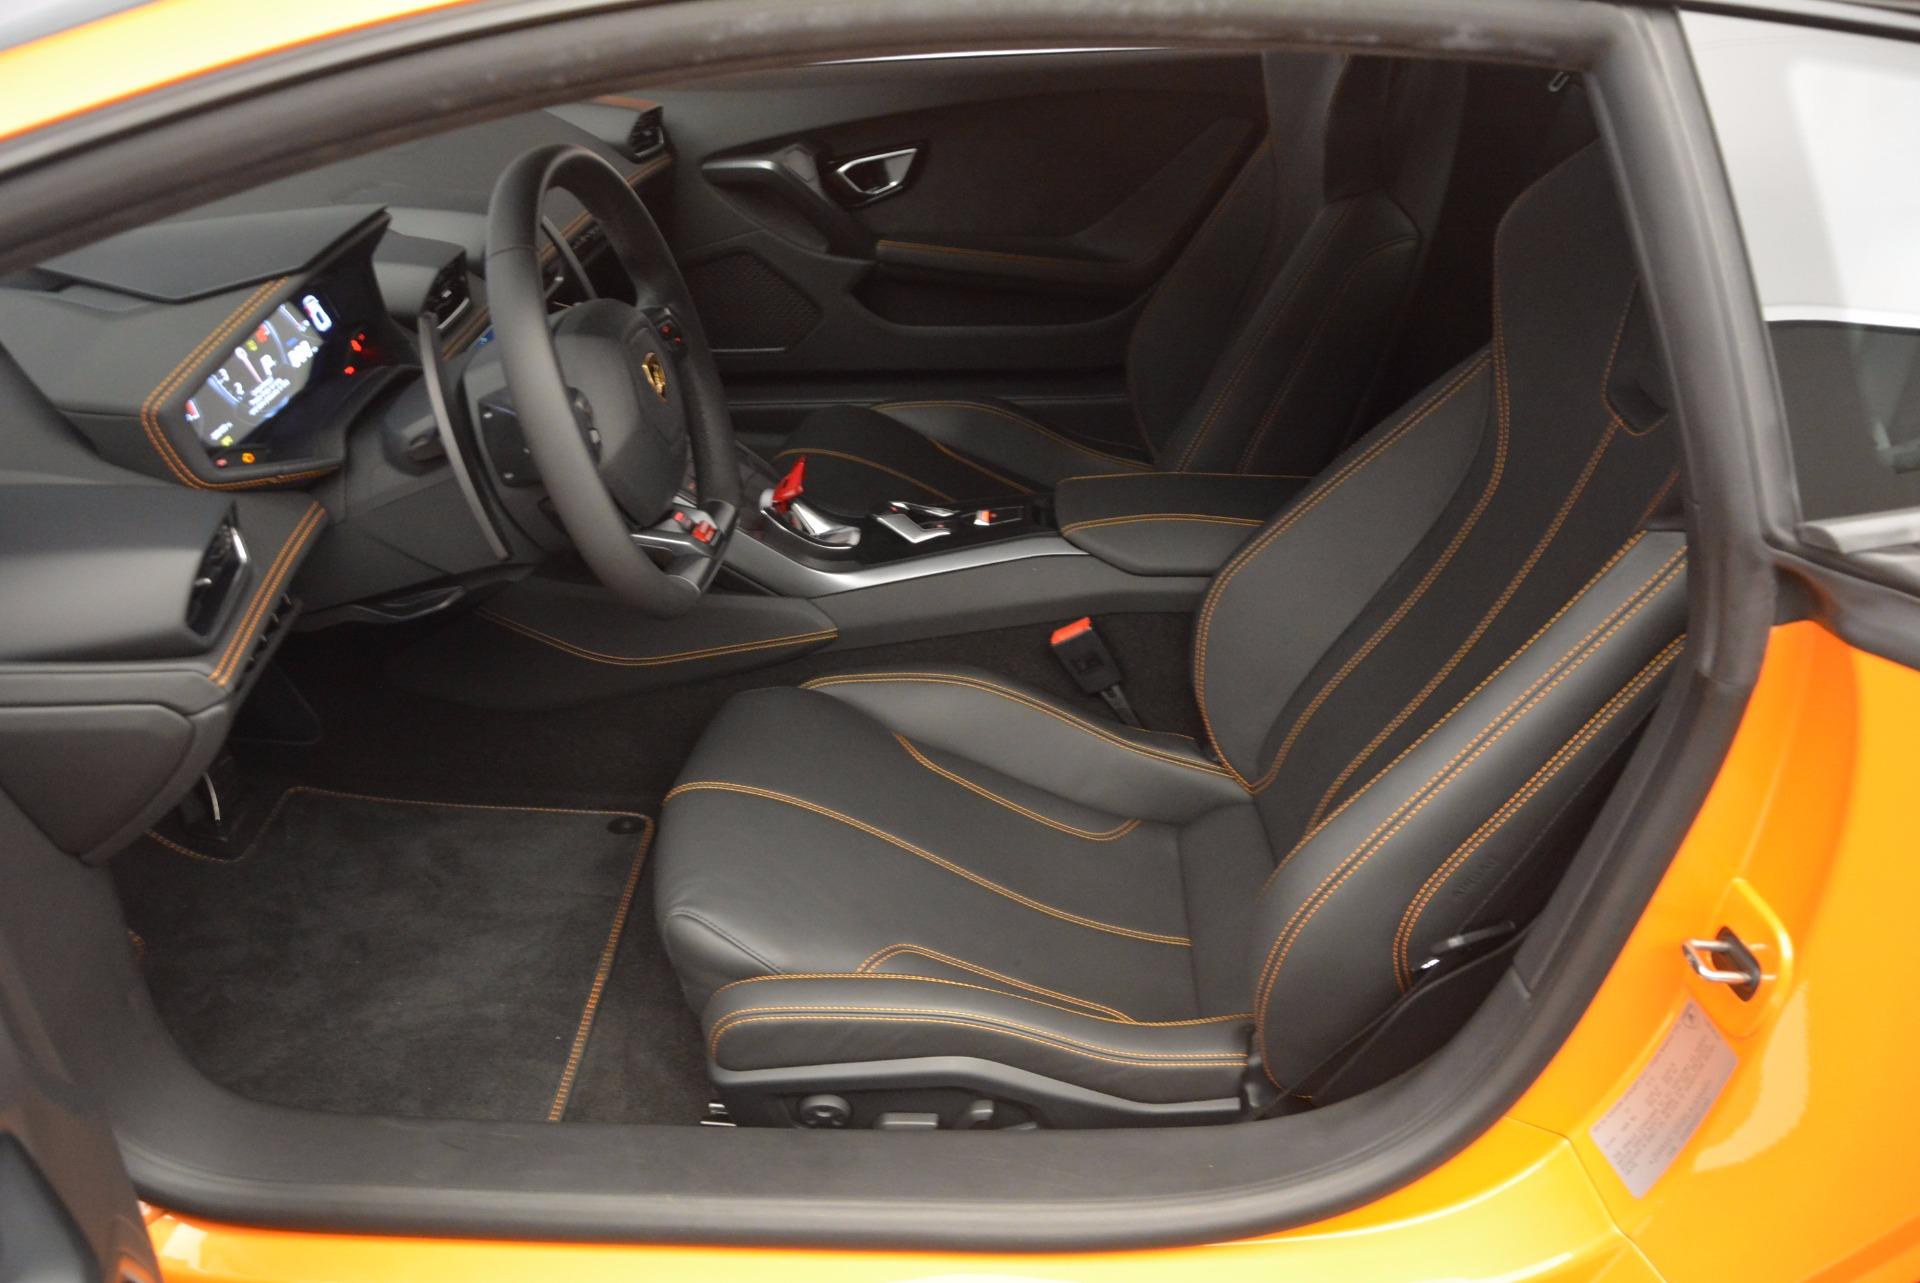 Used 2015 Lamborghini Huracan LP 610-4 For Sale In Westport, CT 621_p14